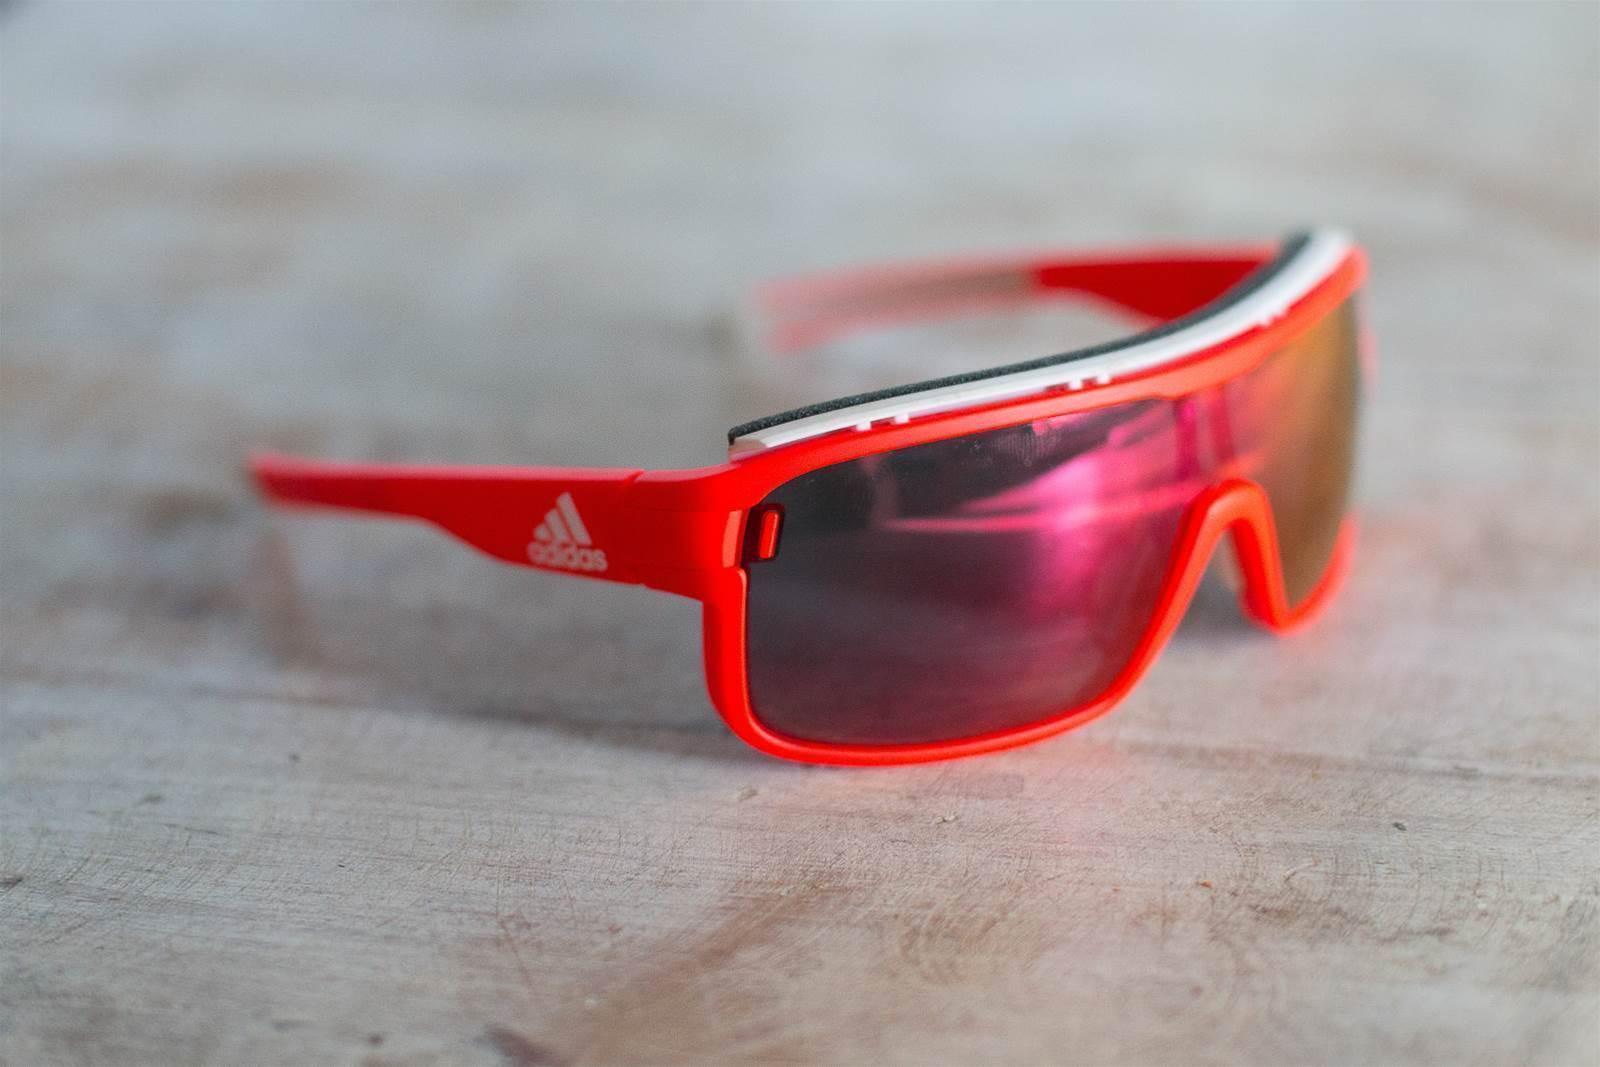 TESTED: Adidas eyewear Zonyk Pro